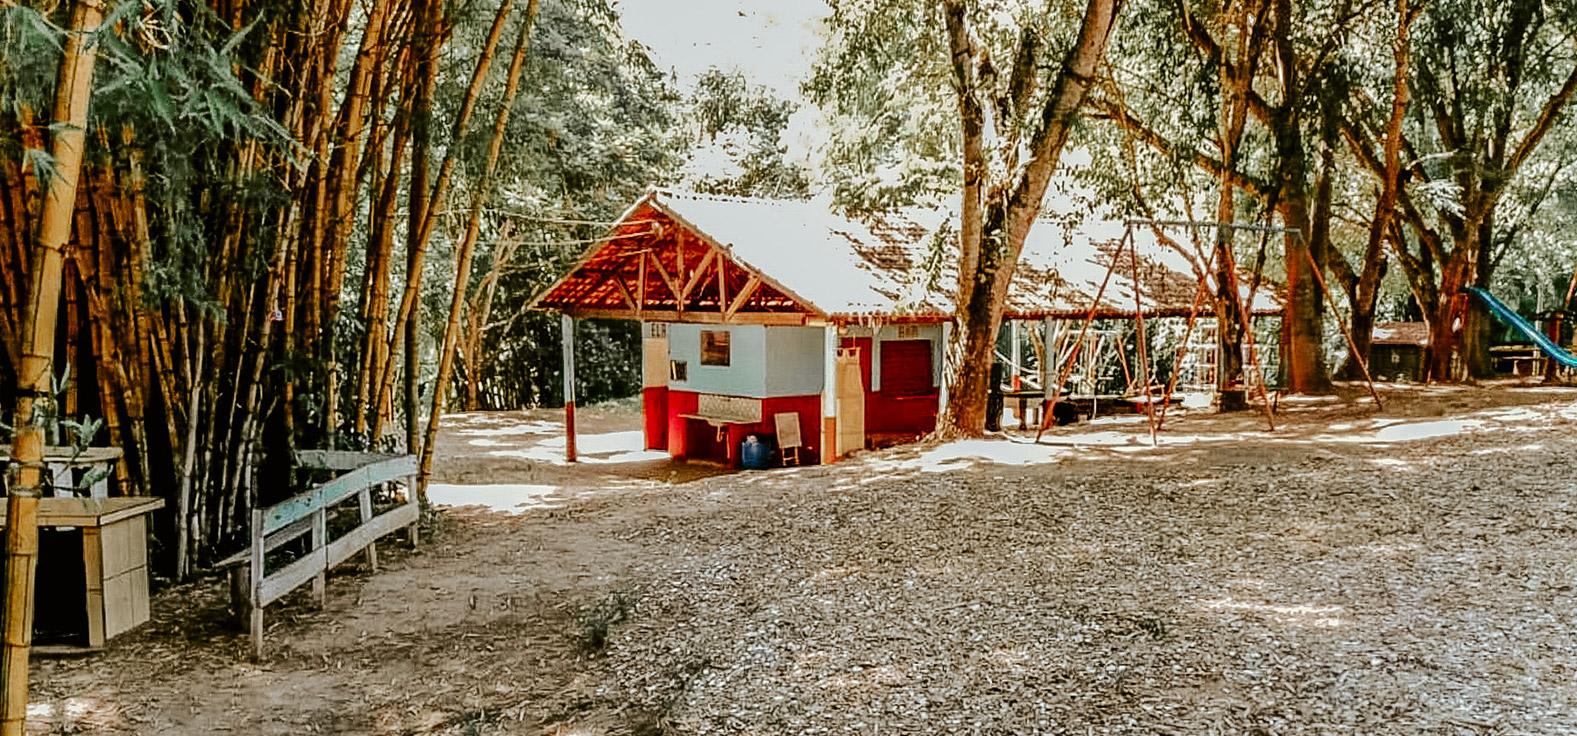 Camping Bambuzinho em Ipeúna | Portal Serra do Itaquerí